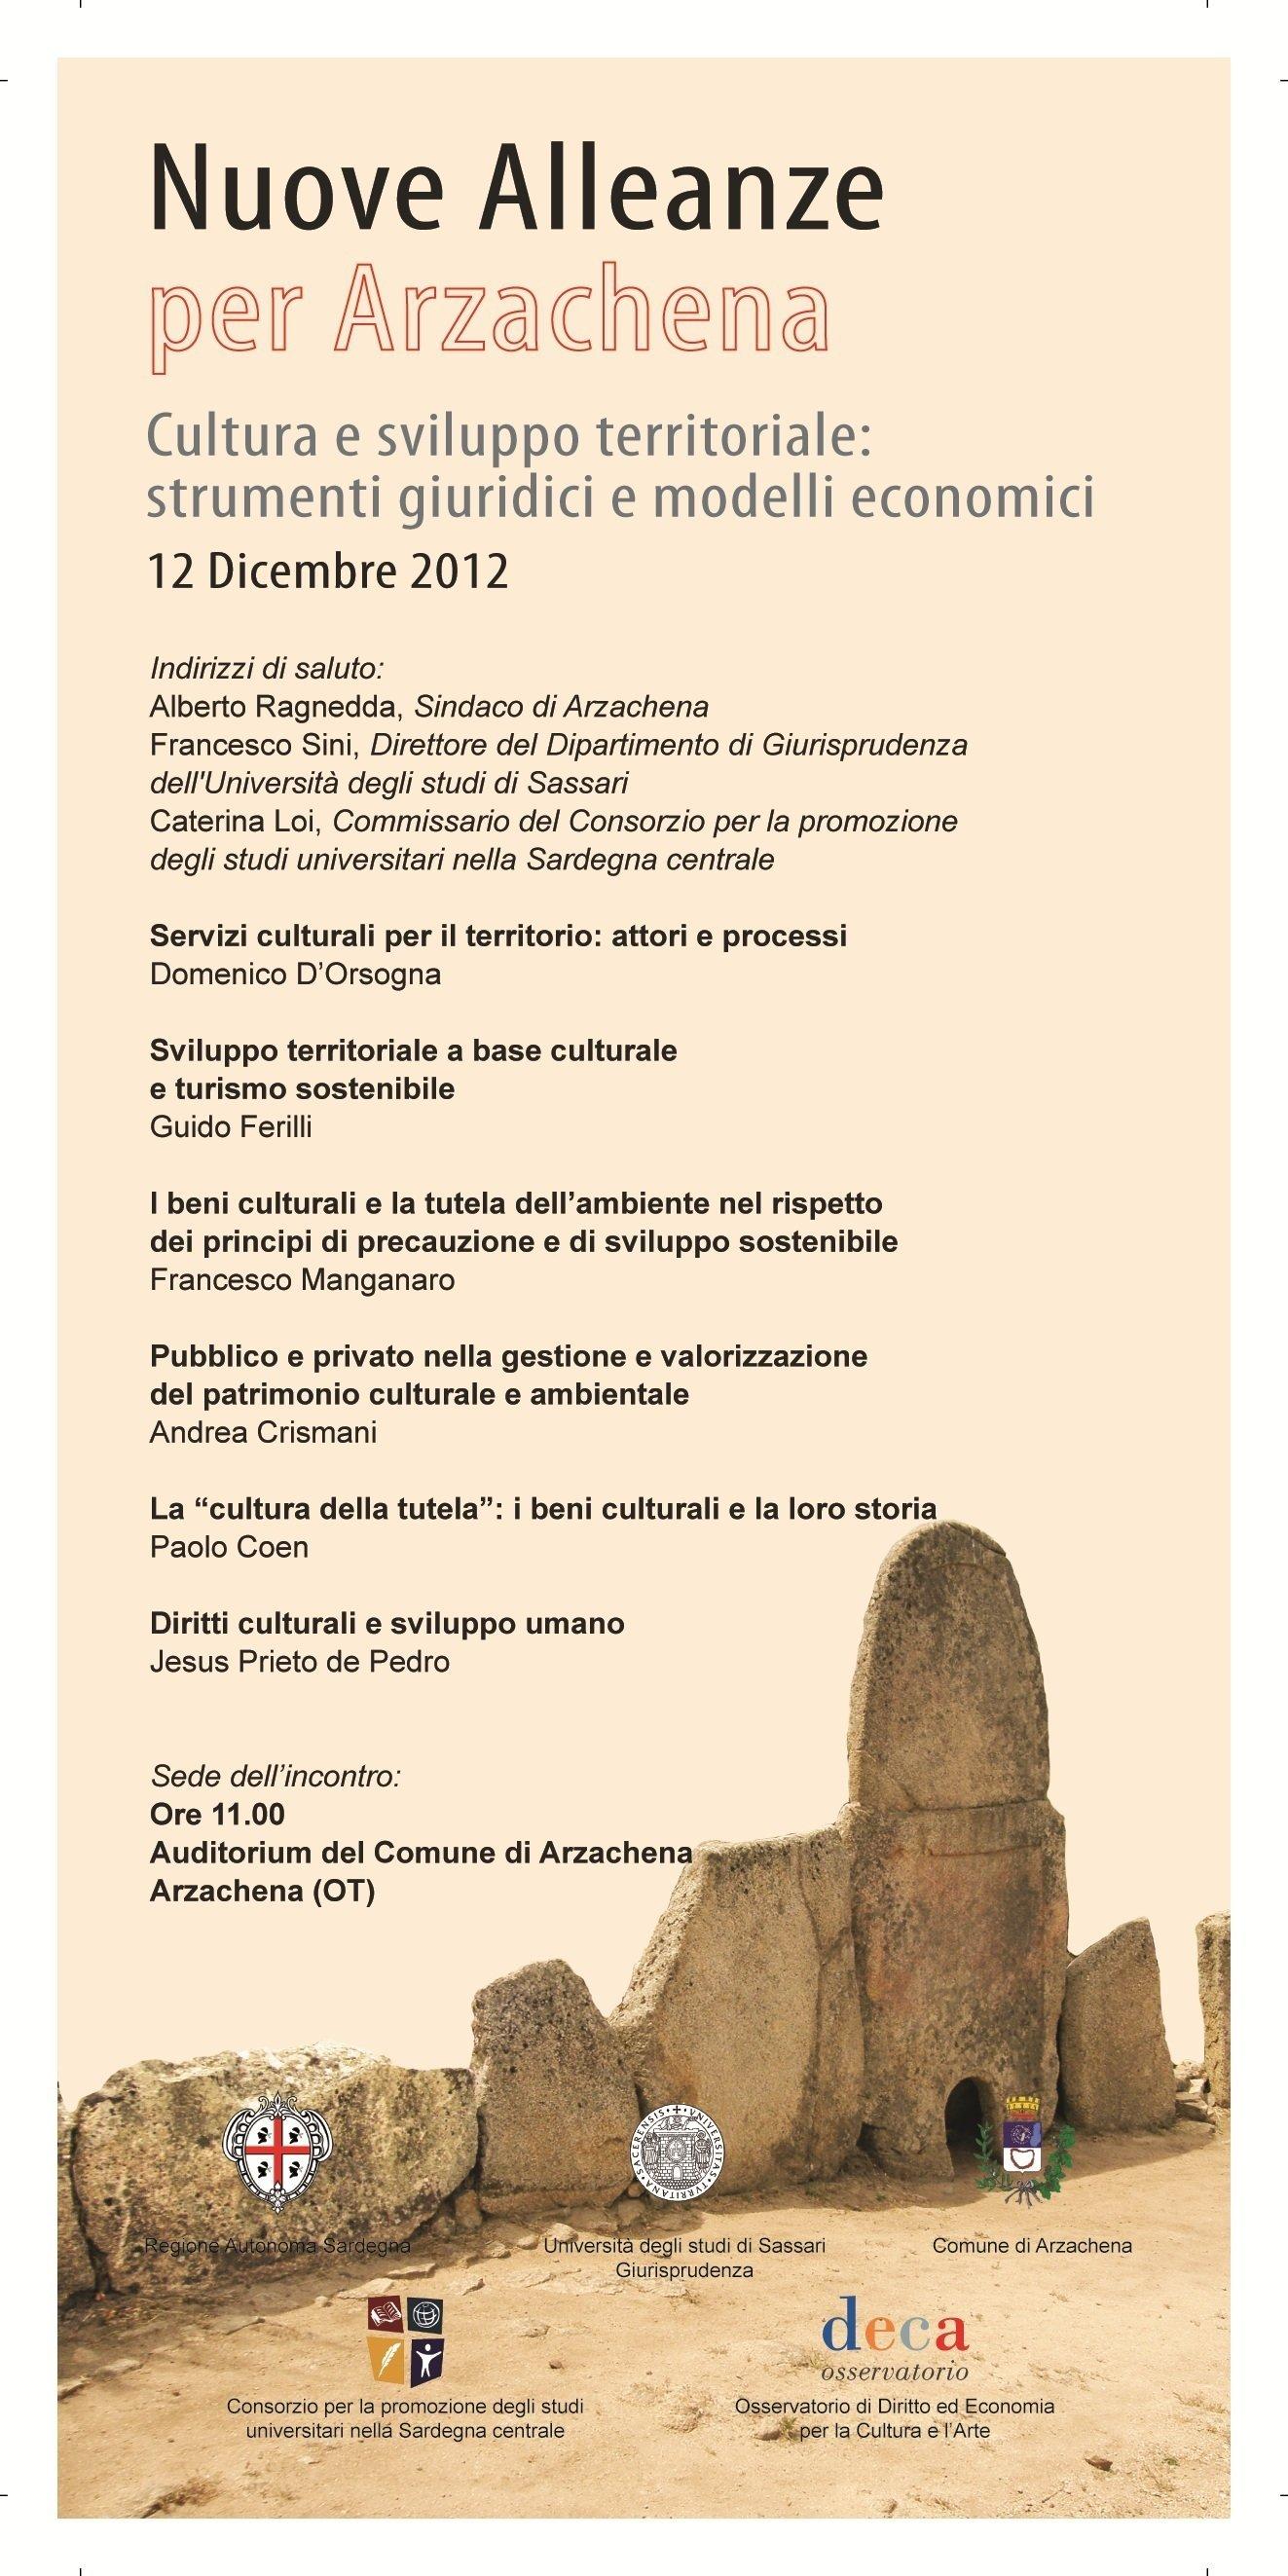 Convegno Nuove Alleanze Arzachena 2012